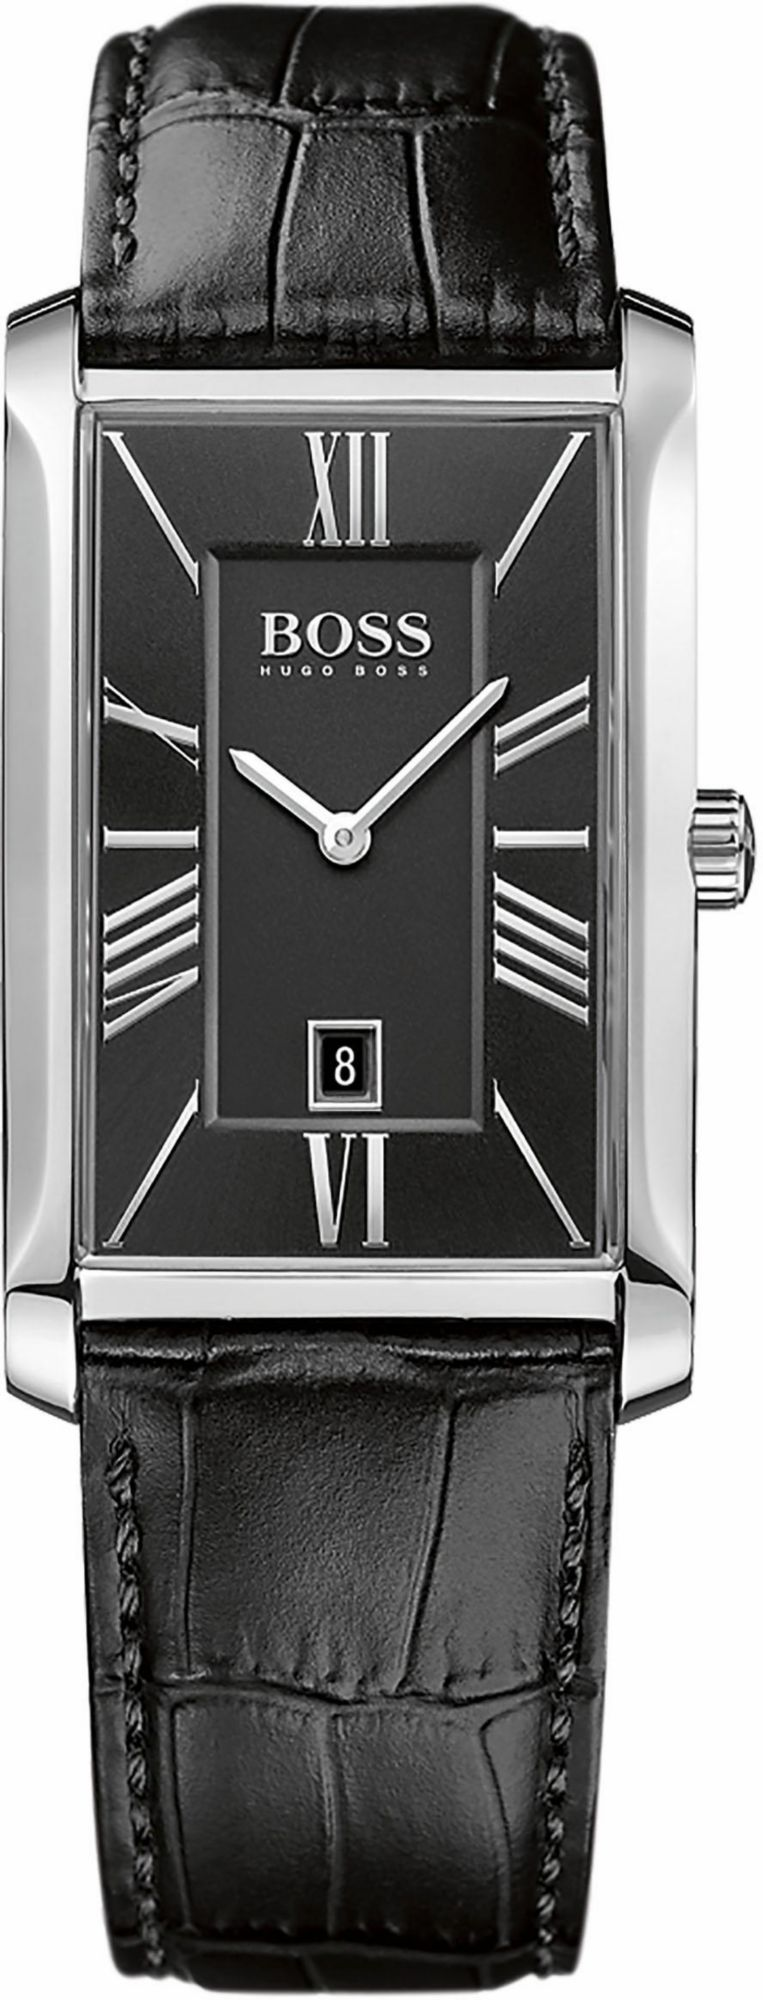 BOSS Boss Quarzuhr »Admiral, 1513437«